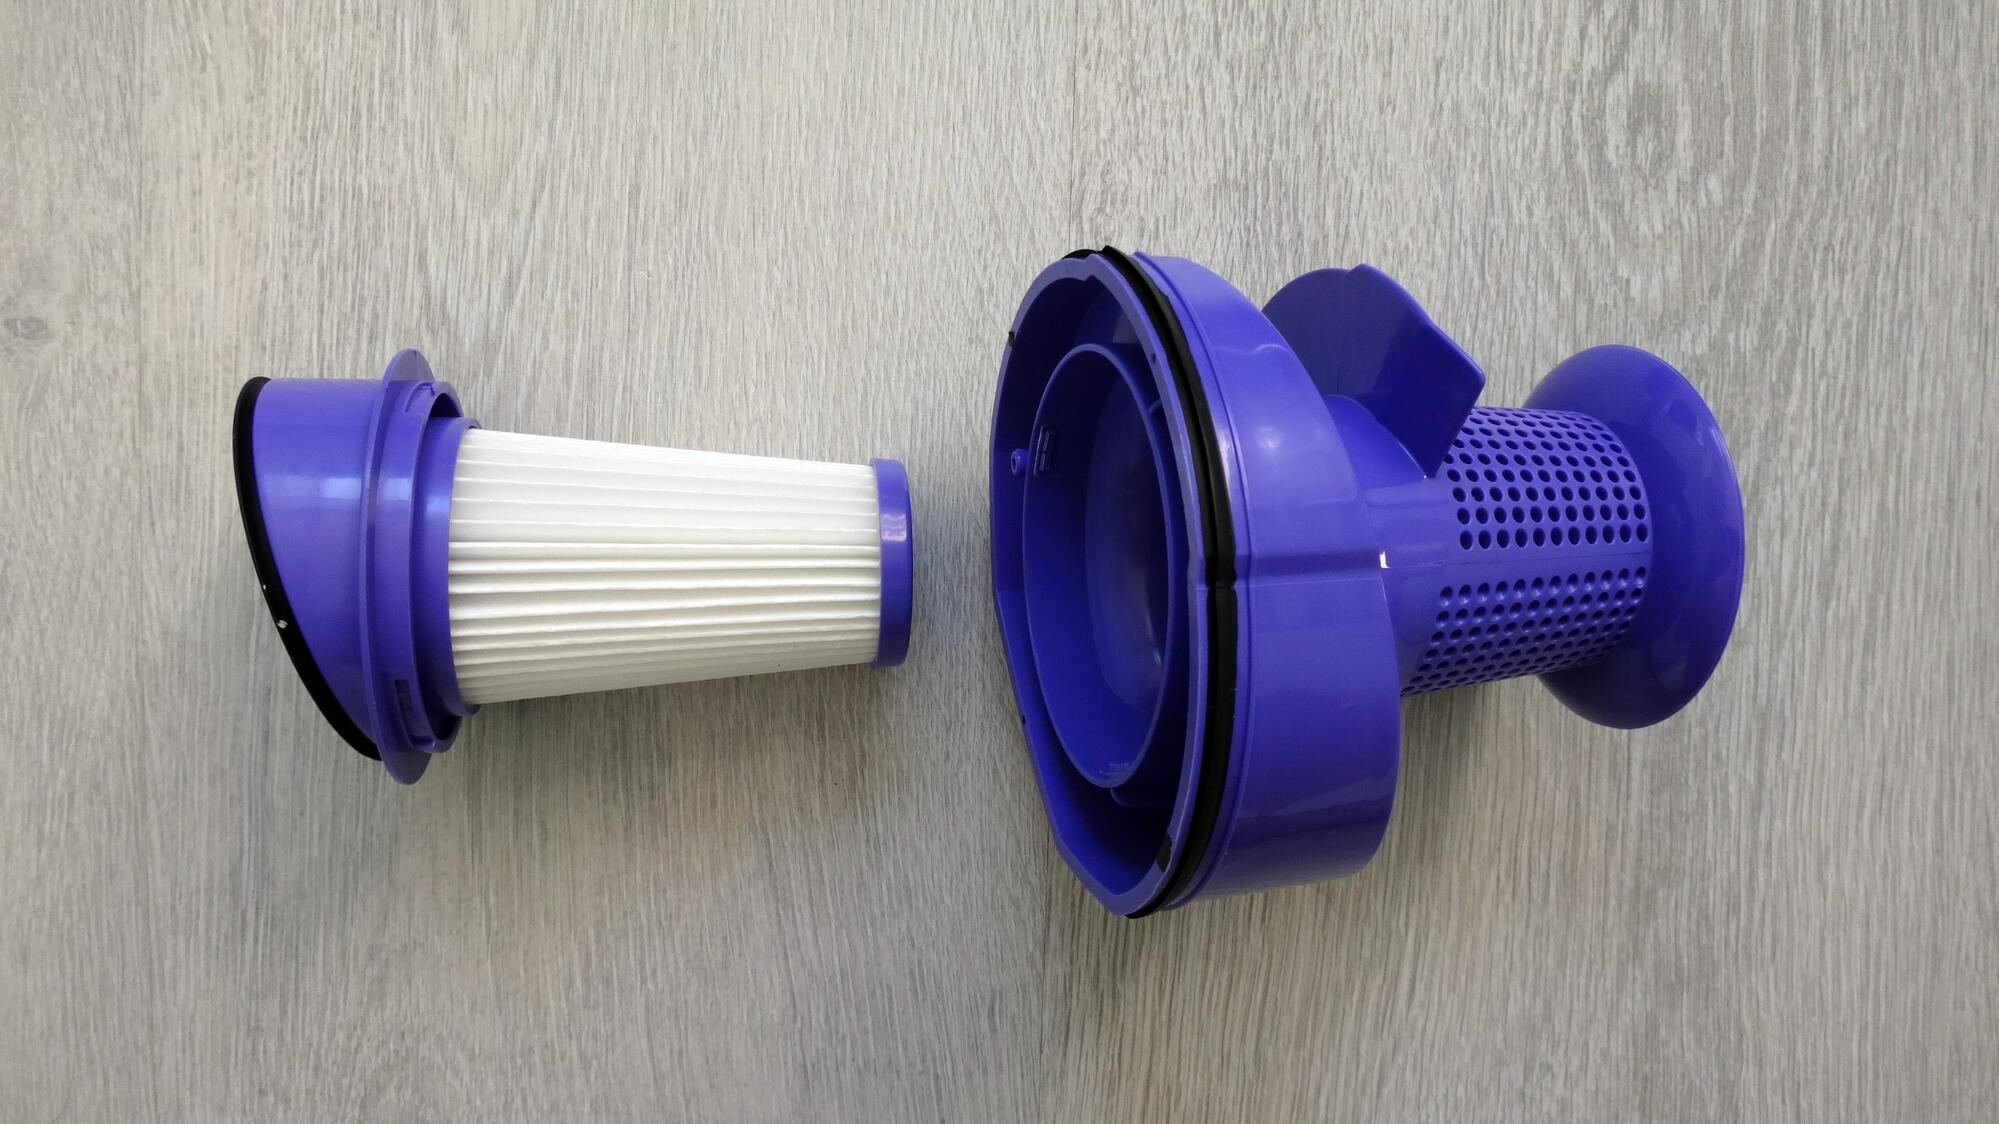 Bytovaya Tehnika - Obzor pylesosa DEXP W-140ID. Kompaktnyy besprovodnoy pomoshcnik